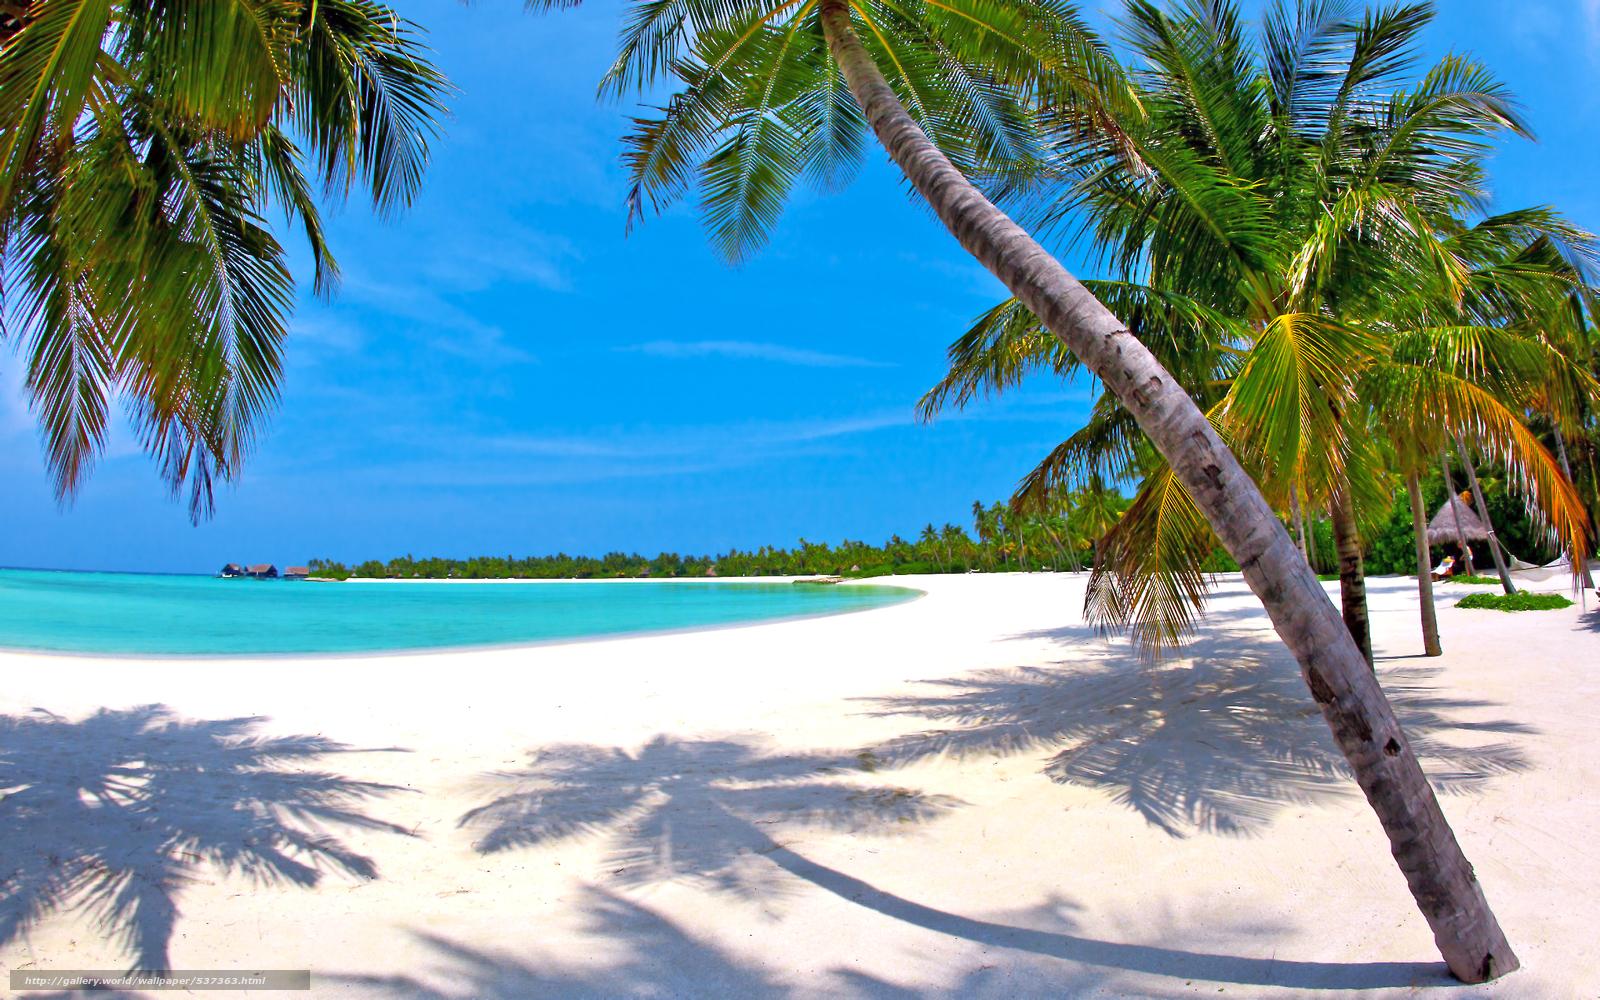 Tlcharger fond d 39 ecran paysage plage mer fonds d 39 ecran gratuits pou - Plage de reve vietnam ...